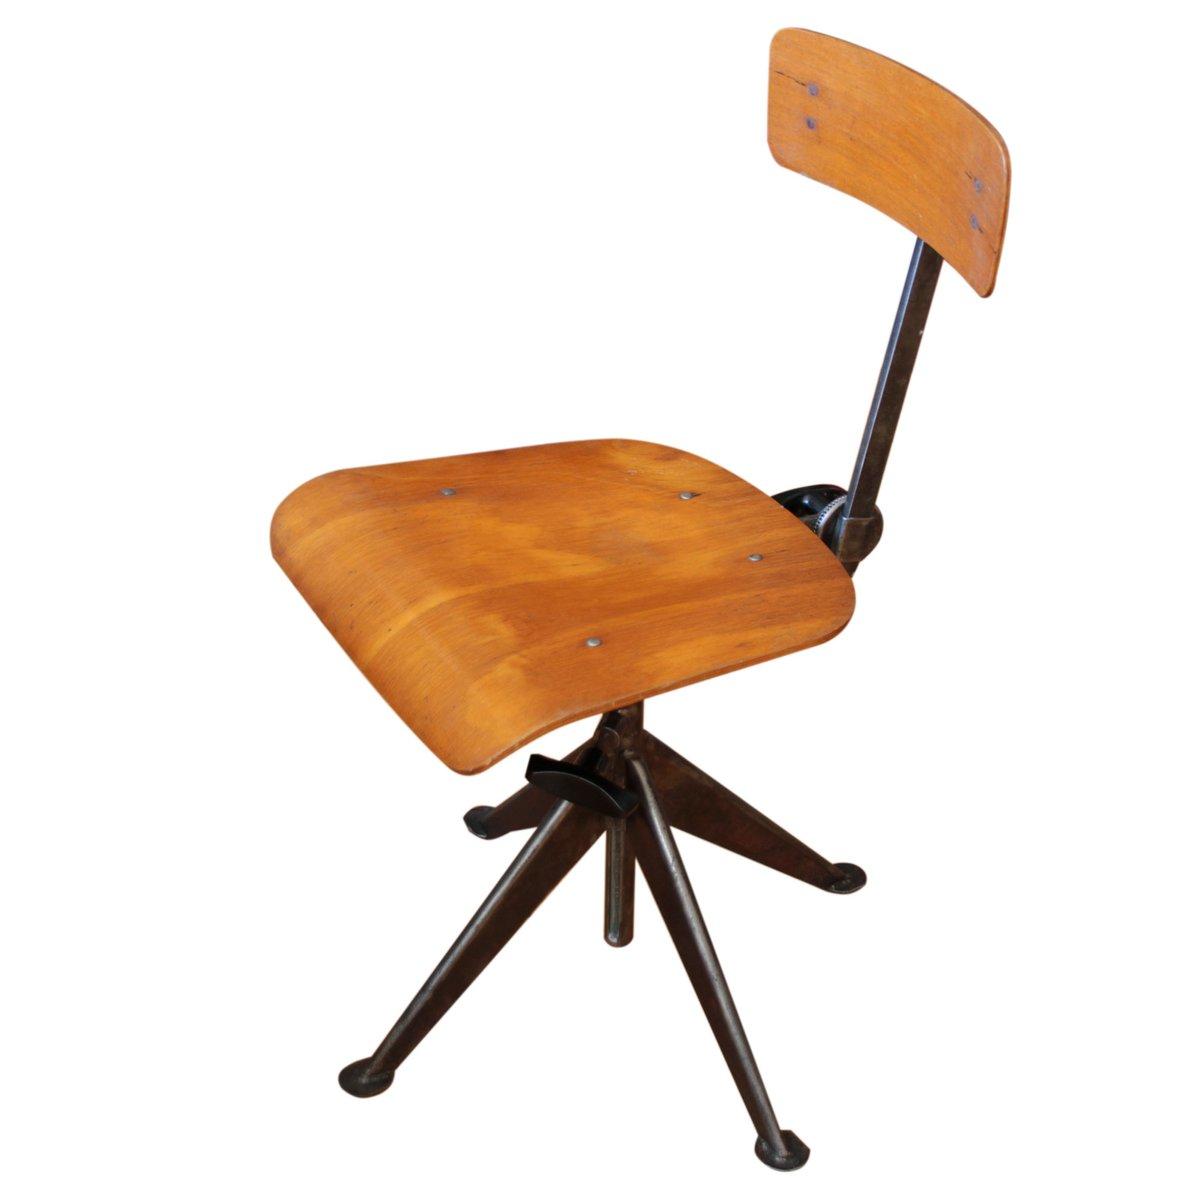 chaise de bureau par jean prouv en vente sur pamono. Black Bedroom Furniture Sets. Home Design Ideas